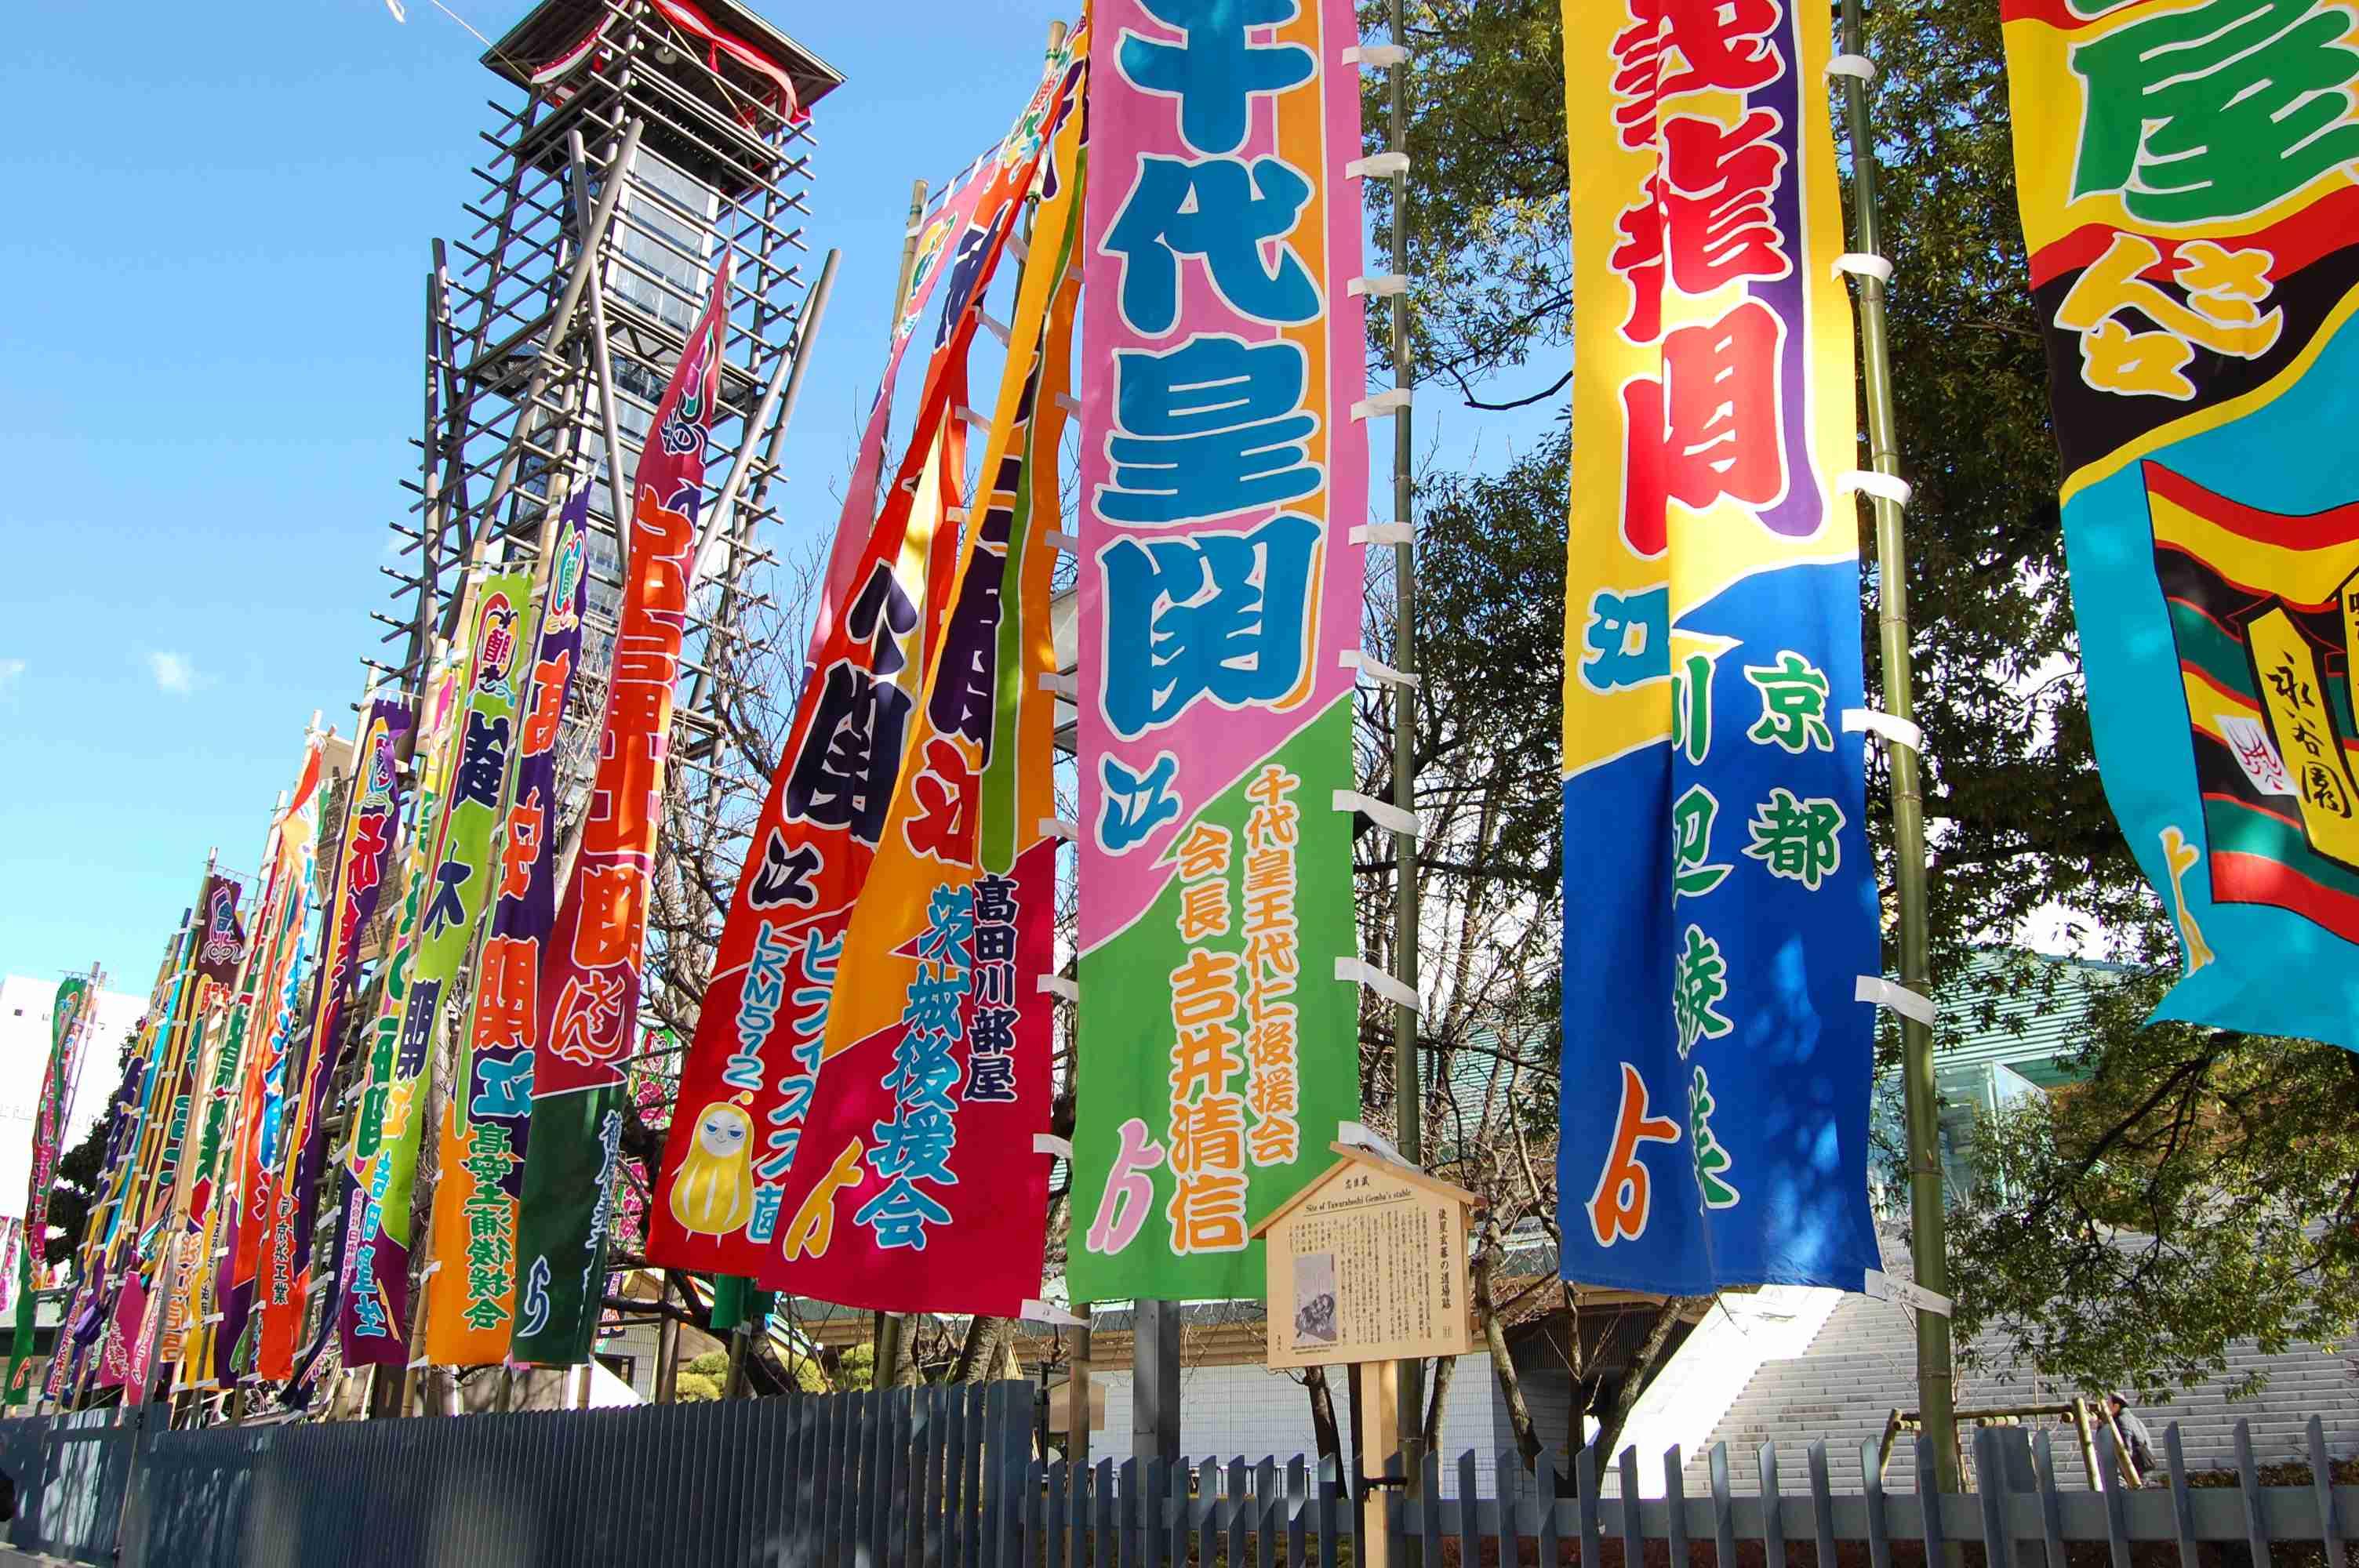 大相撲日馬富士の引退会見の動画!真相理由や貴ノ岩への謝罪は?